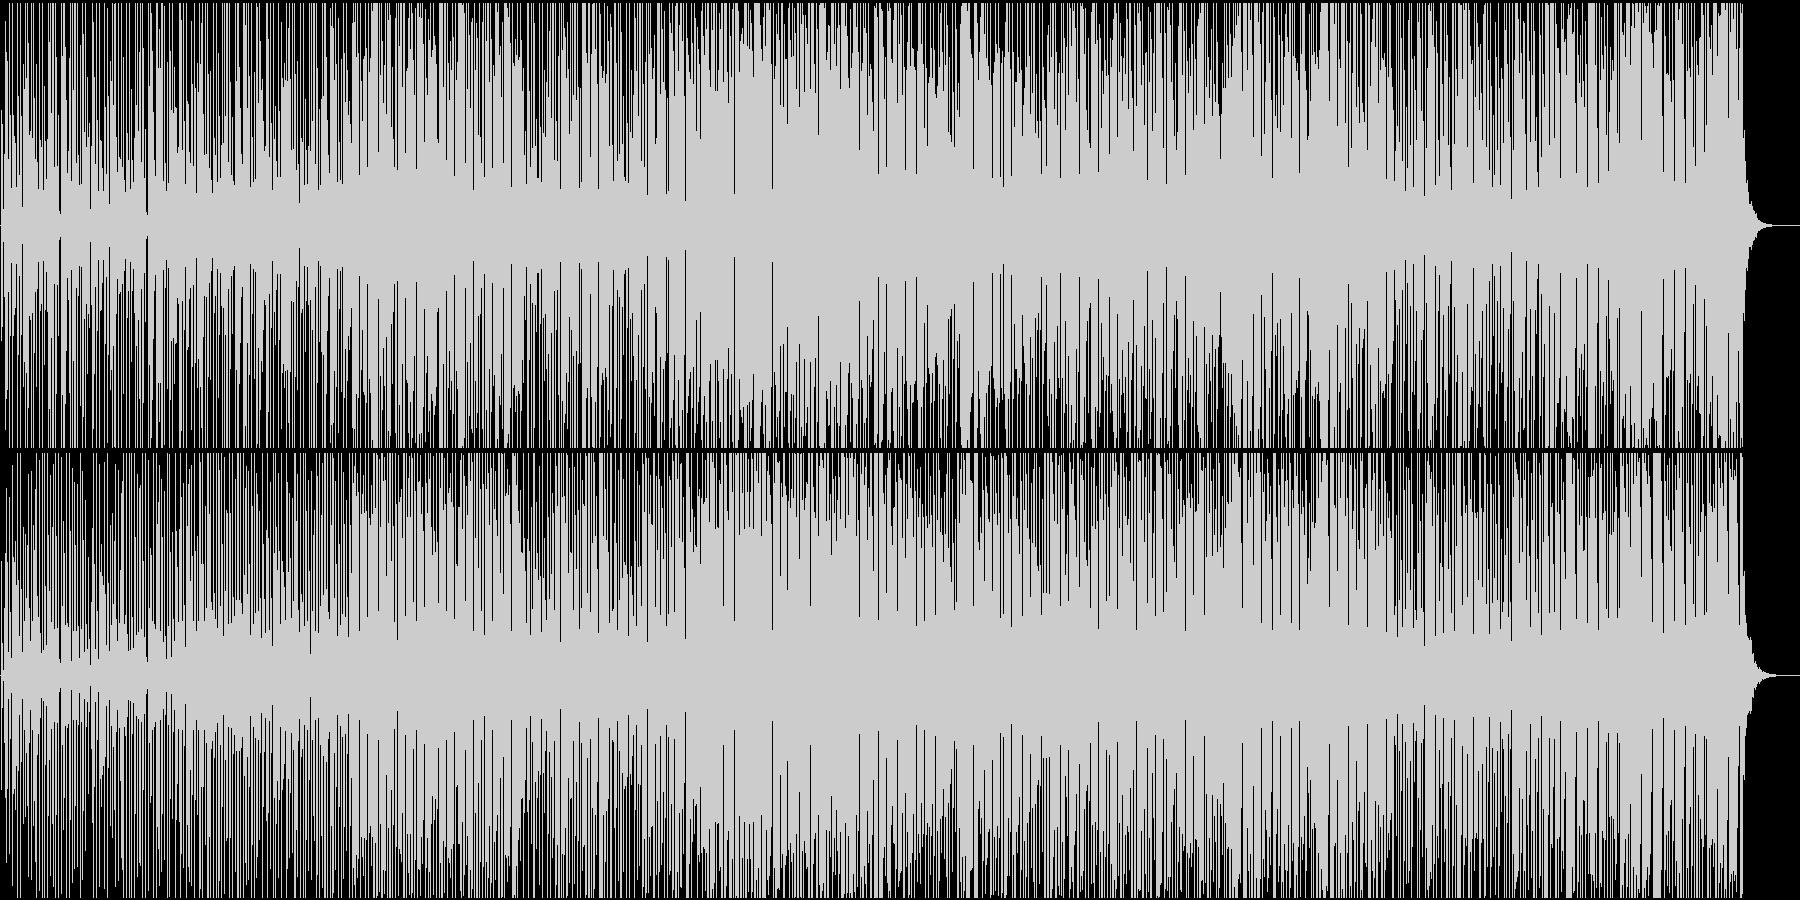 ミニマル・急いだ雰囲気・かわいいの未再生の波形